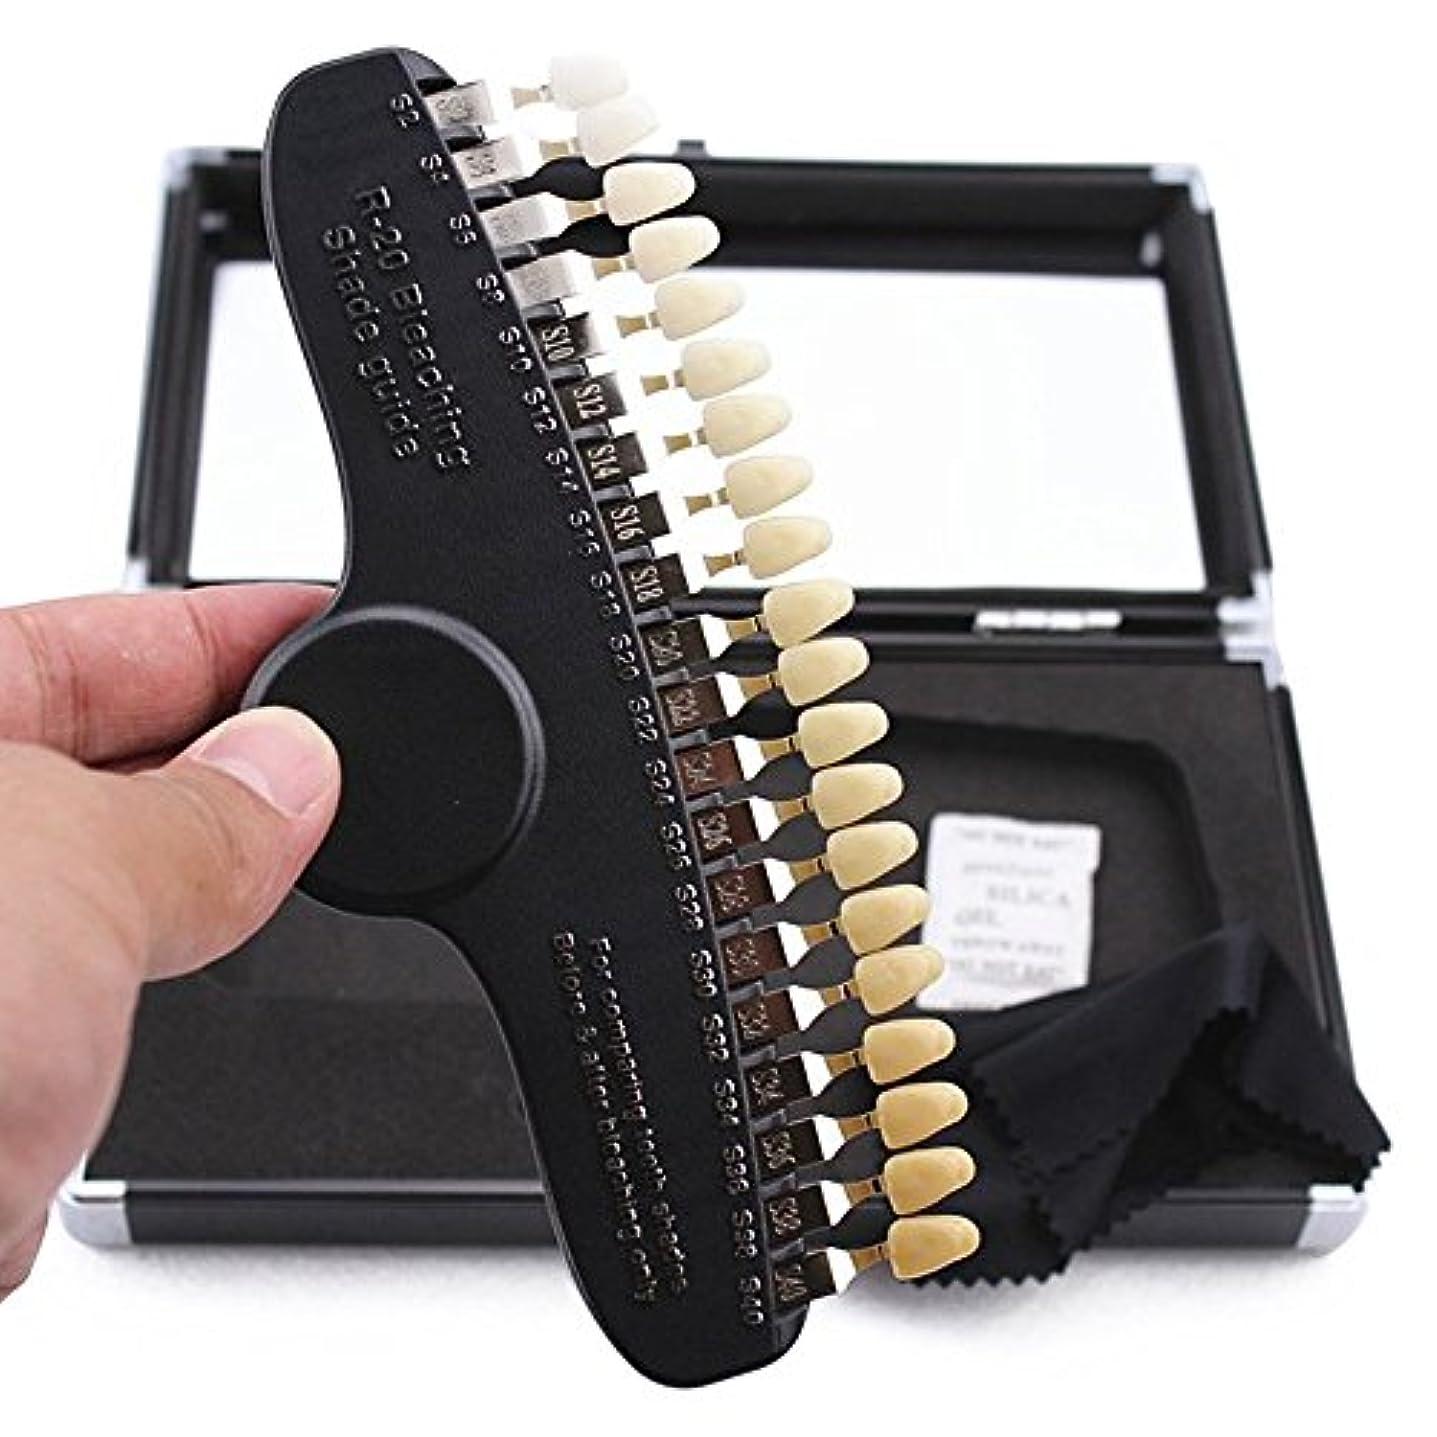 インタビューパトワ悩みPochiDen 歯科ホワイトニング用シェードガイド 20色 3D 歯列模型ボード